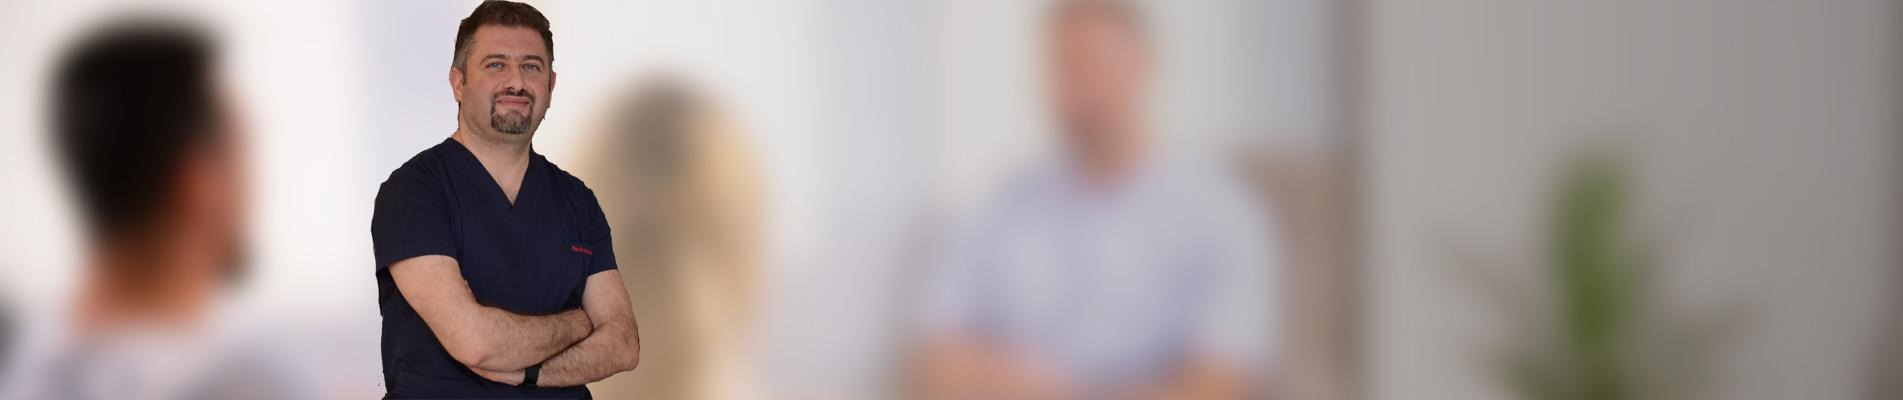 Prostat Büyümelerinde<br>  Plazmakinetik Enerji ile Tedavi